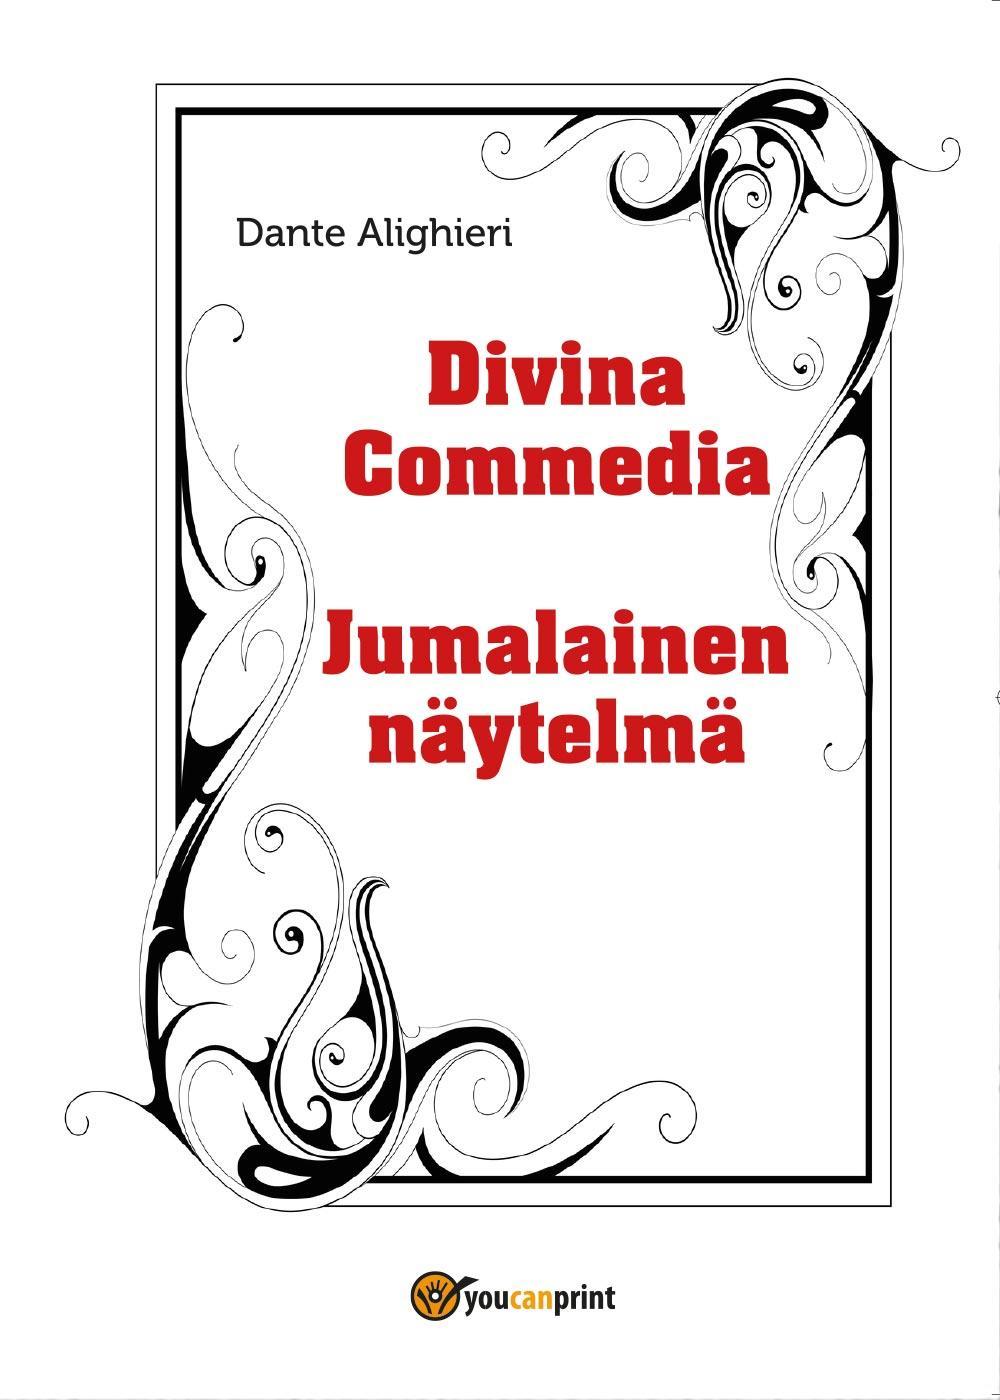 Divina Commedia - Jumalainen näytelmä